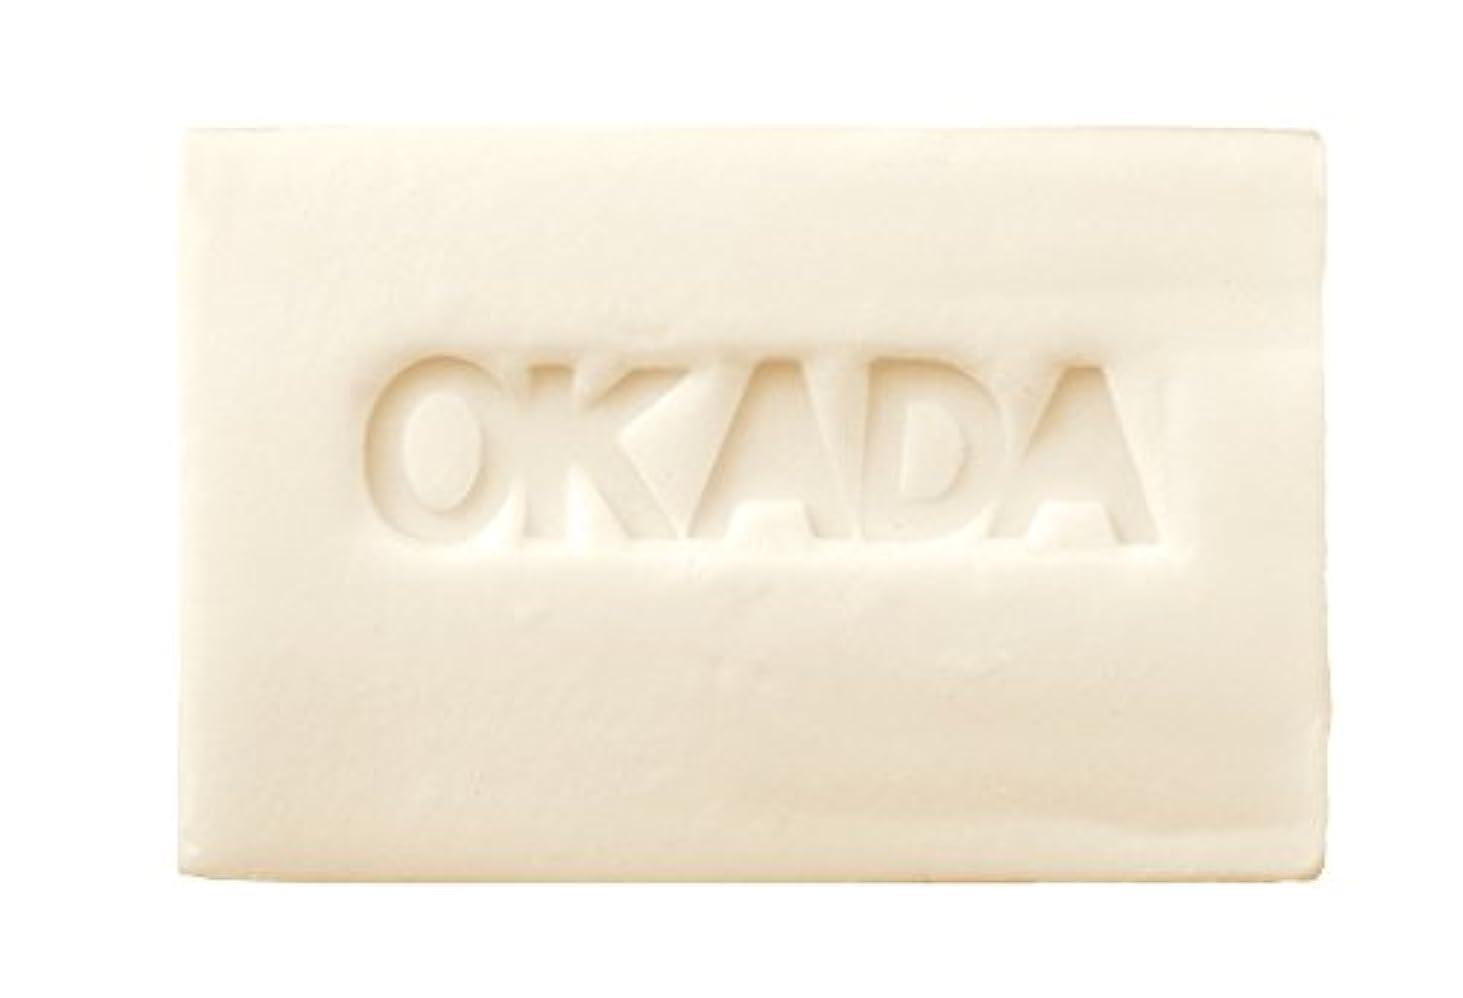 先にカップ維持無添加工房OKADA オリーブオイル100% 岡田石けん (100g)